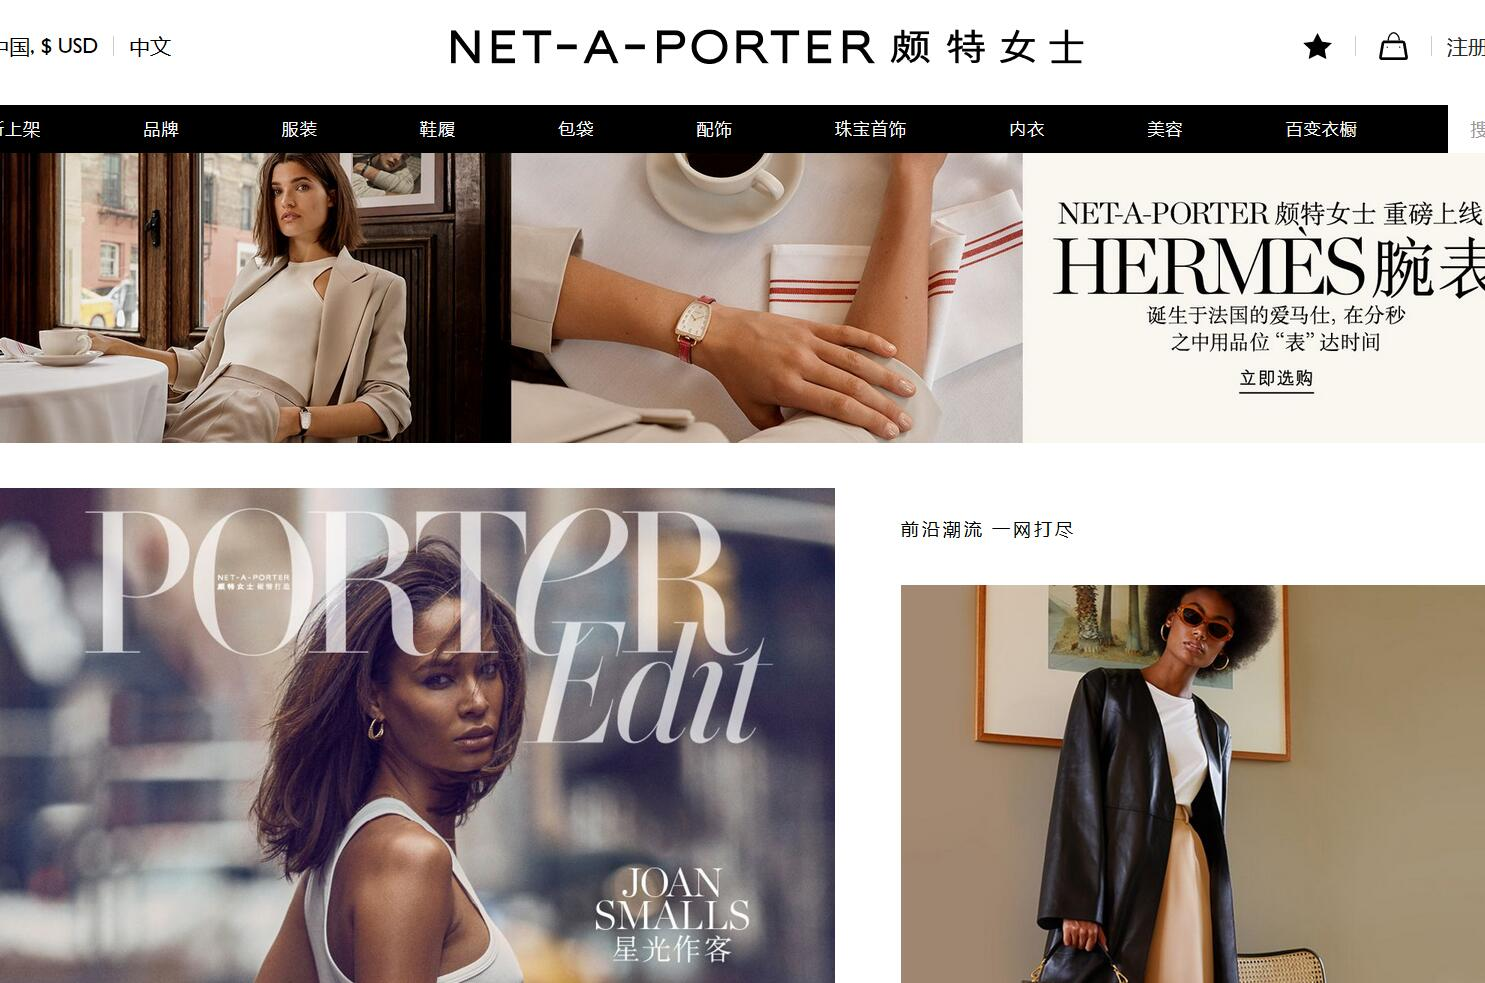 专注服务高端客户,奢侈品电商巨头Yoox Net-A-Porter 将在全球招募100名私人购物顾问和客户关系经理